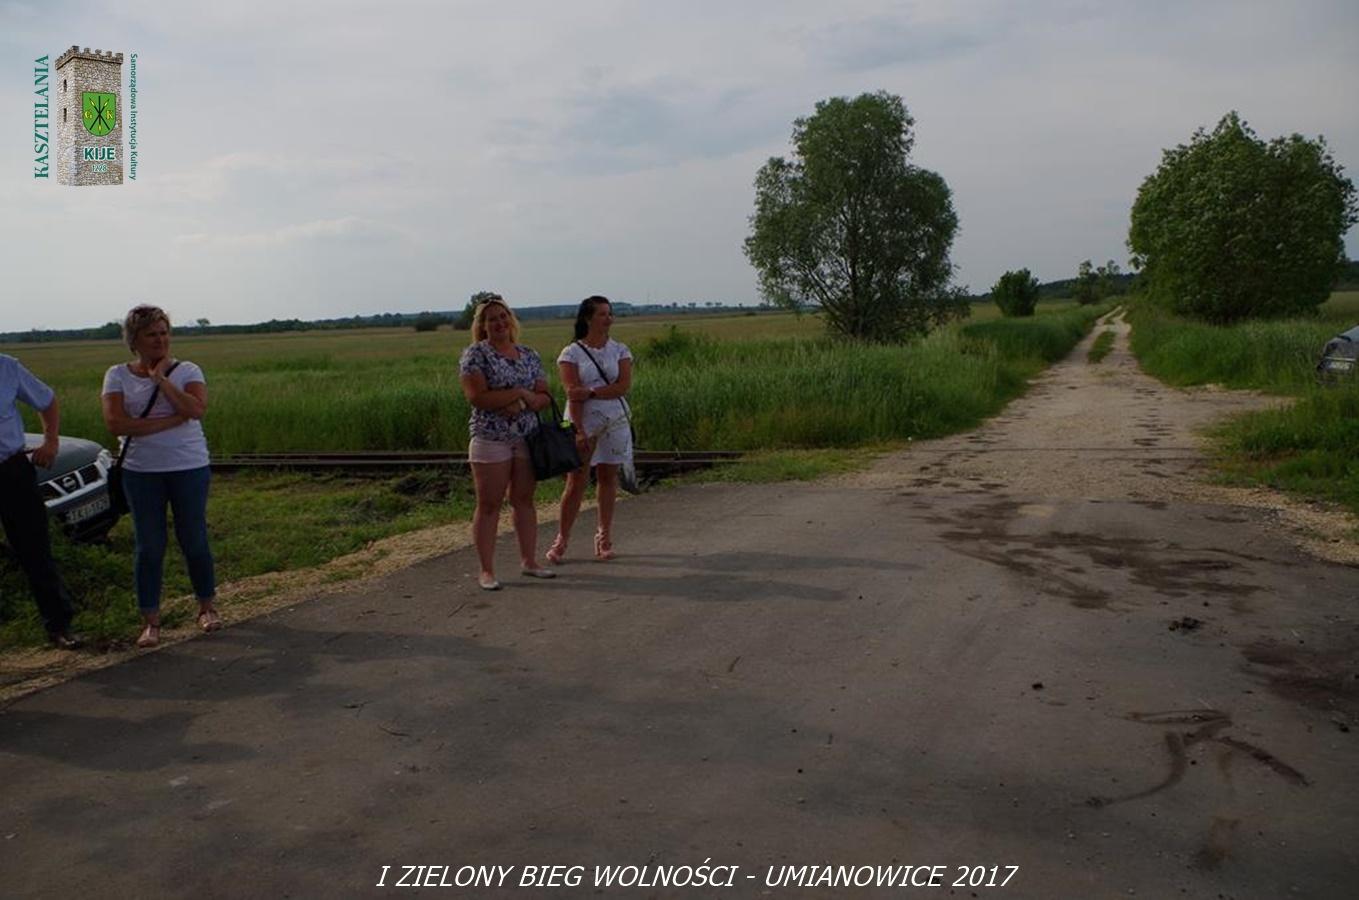 images/galleries/imprezy/2017/bieg_wolnosci/foto_kasztelania/IMGP0930 (Copy)